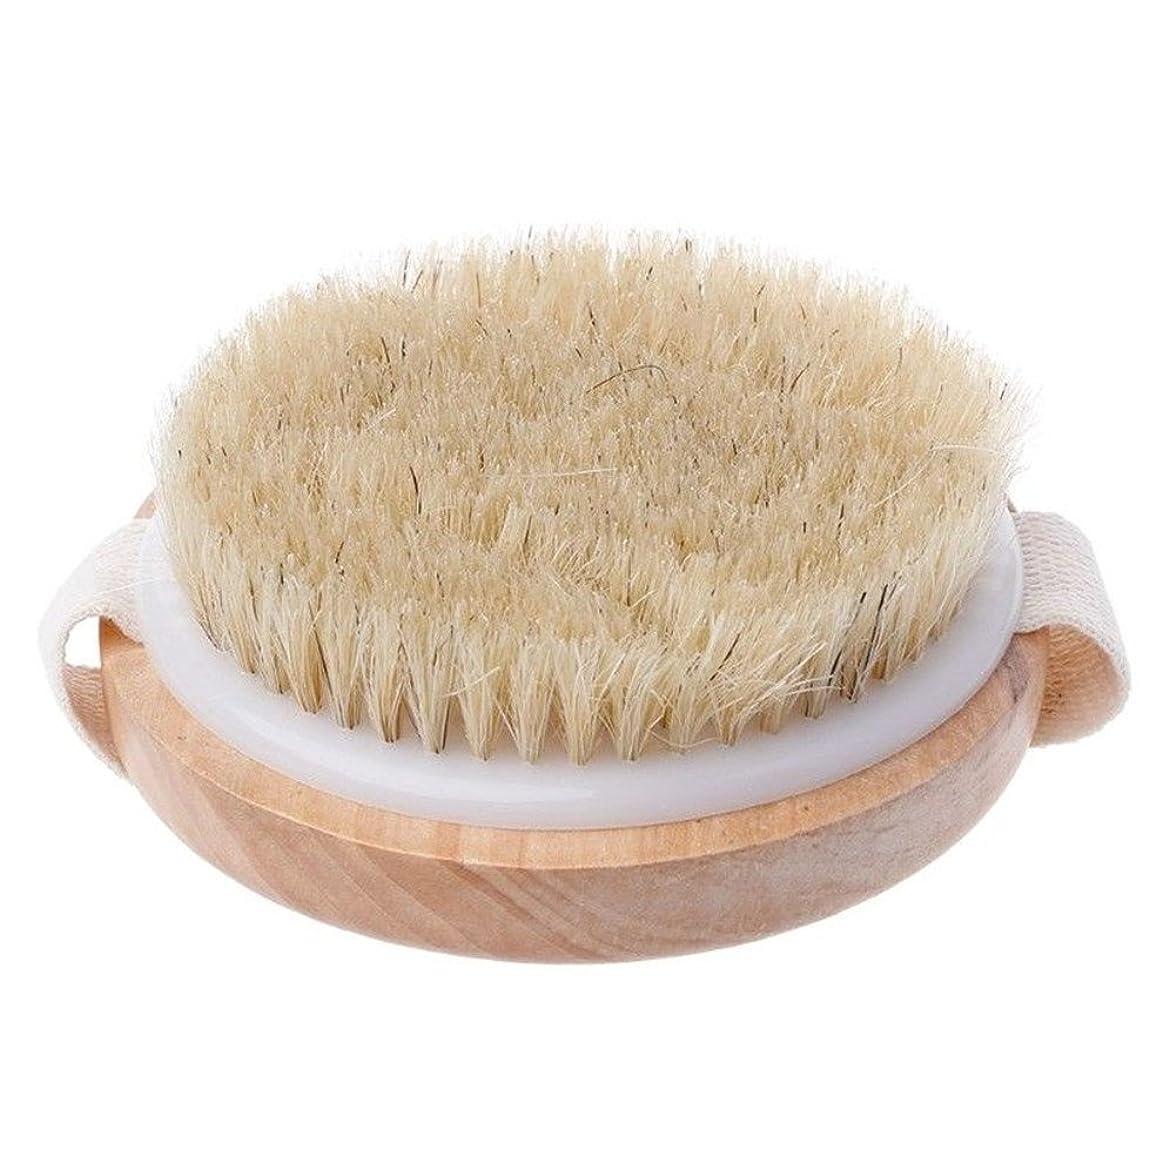 受ける優しさあえてEnipate ボディブラシ 豚毛 全身 マッサージ 木製 ボディケア バスグッズ 天然素材 血行促進 角質除去